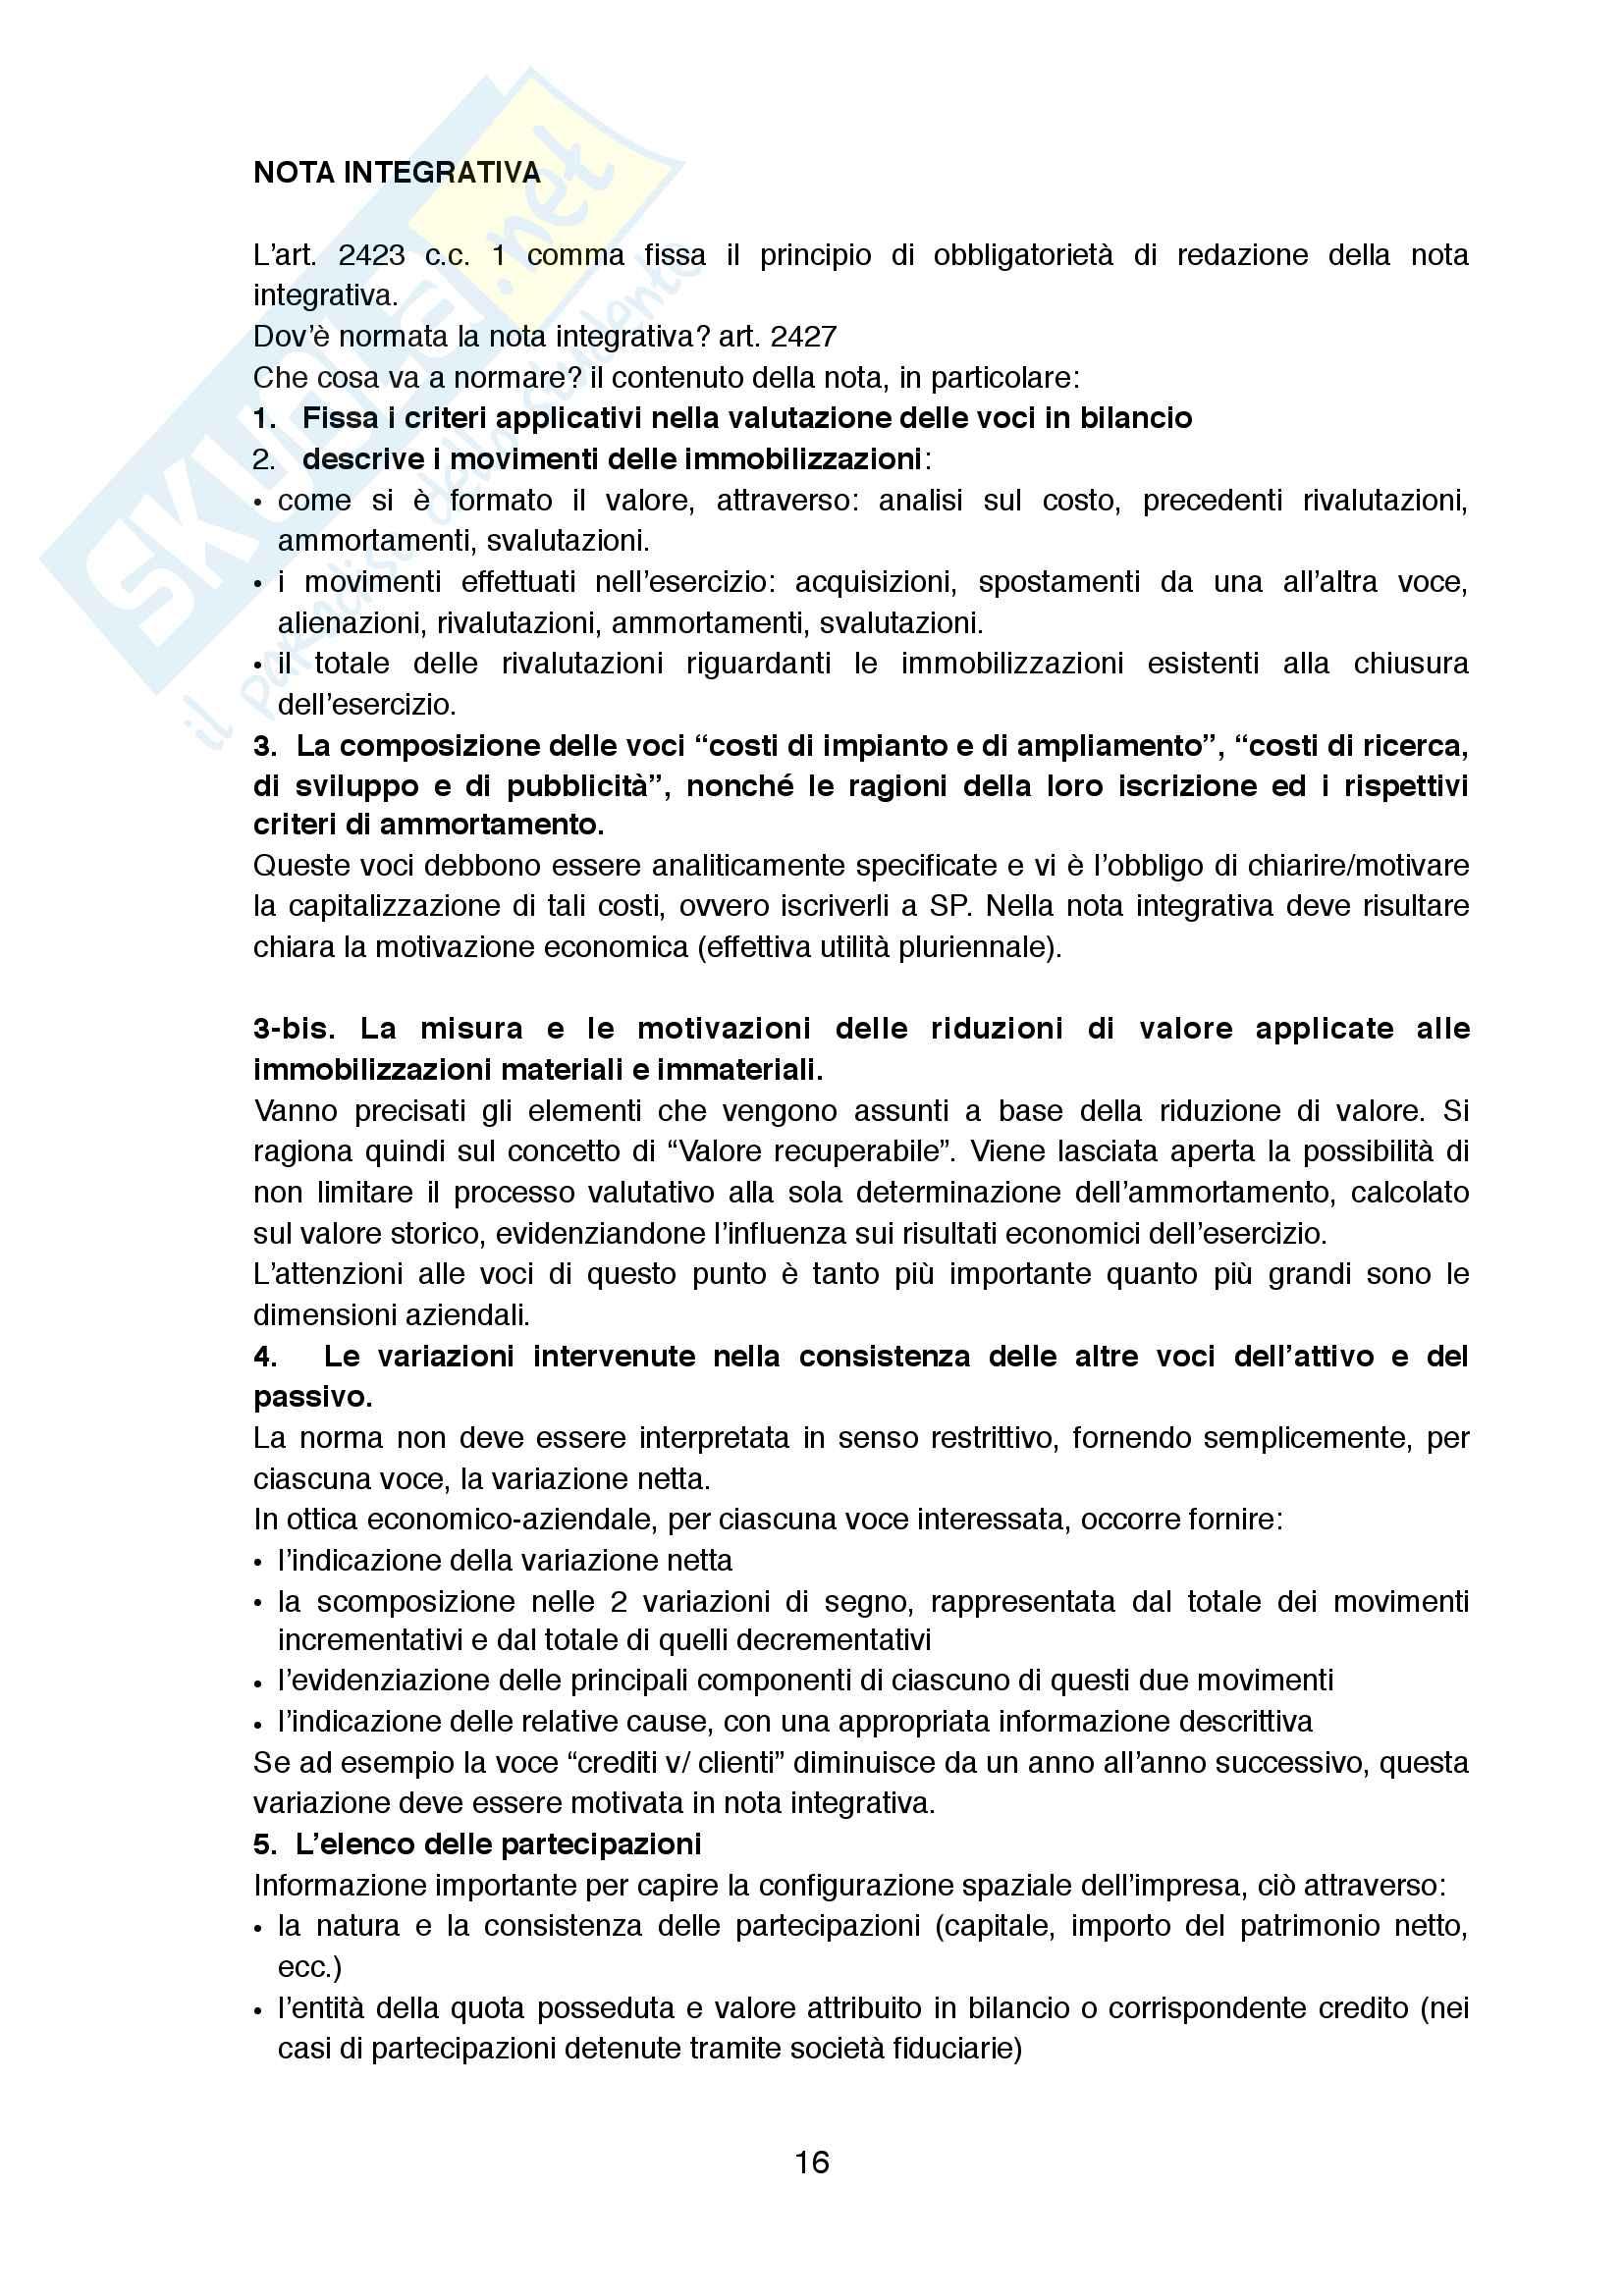 Appunti di Bilanci Aziendali, prof. Malvestito Pag. 16